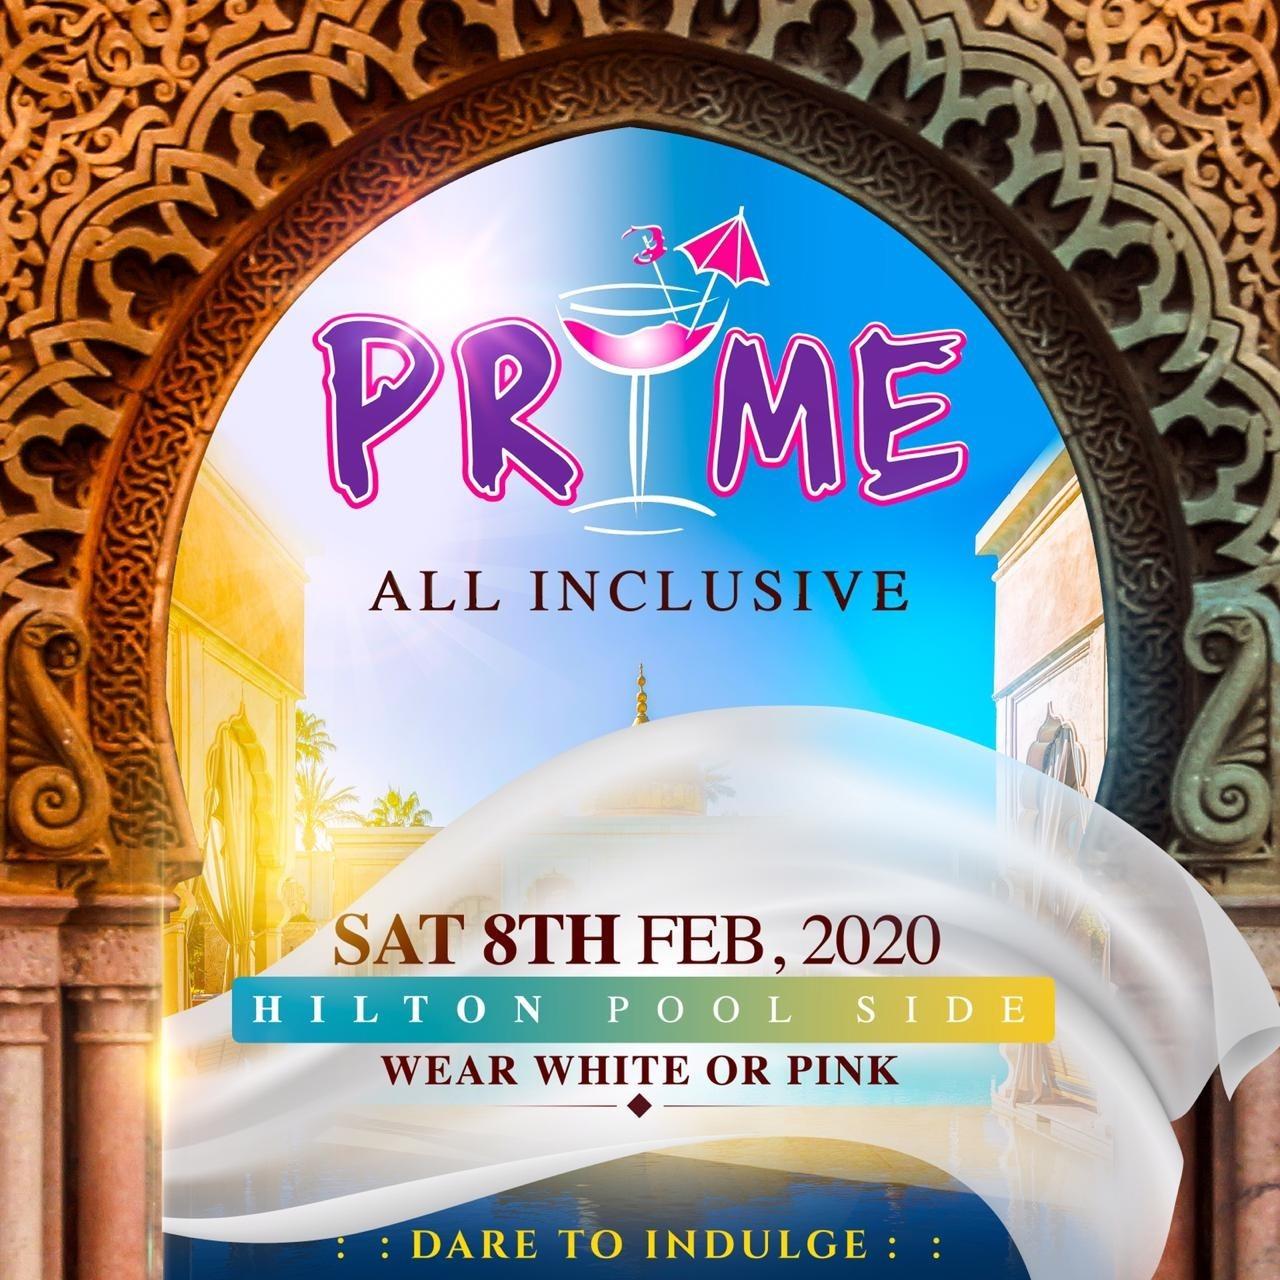 PRiME - All Inclusive